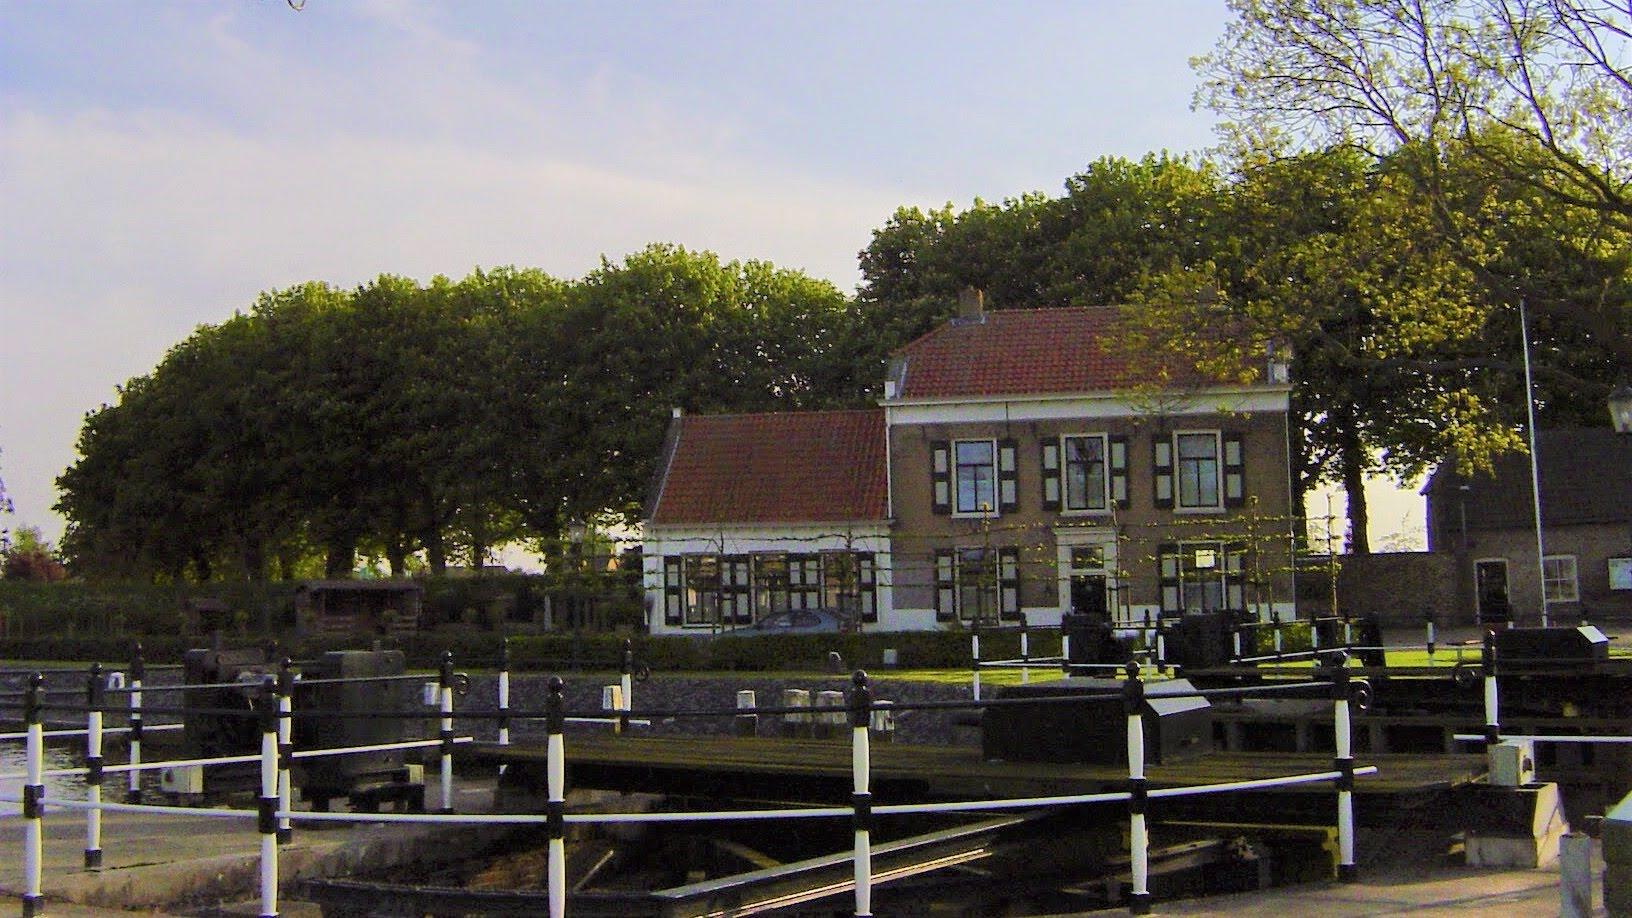 Het oude veerhuis tegenover het Bierhuis aan de sluis van Benedensas